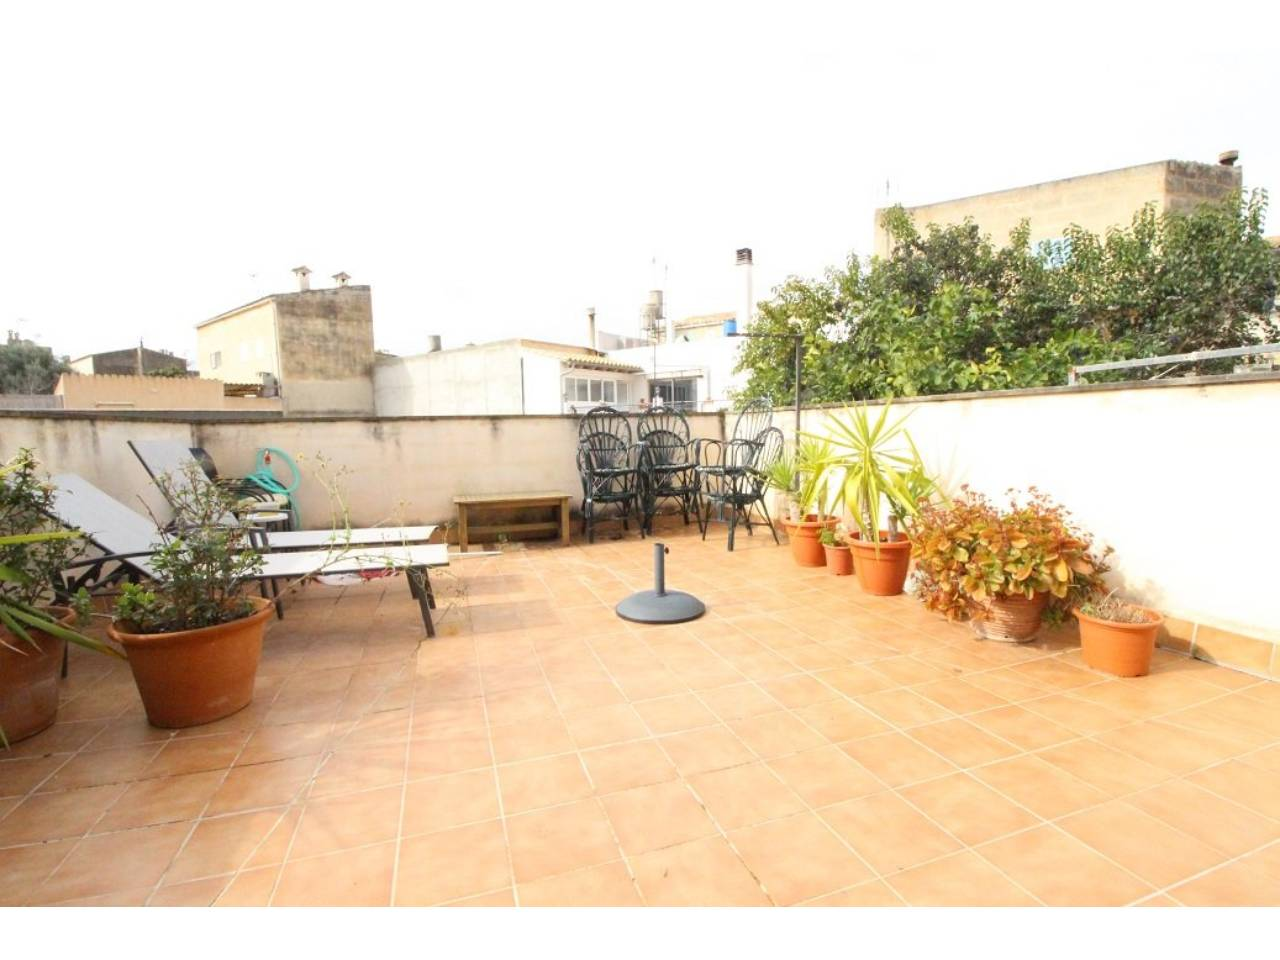 Casa  Maria de la salut. Superf. 84 m², 100 m² solar,  2 habitaciones (2 dobles),  1 baño